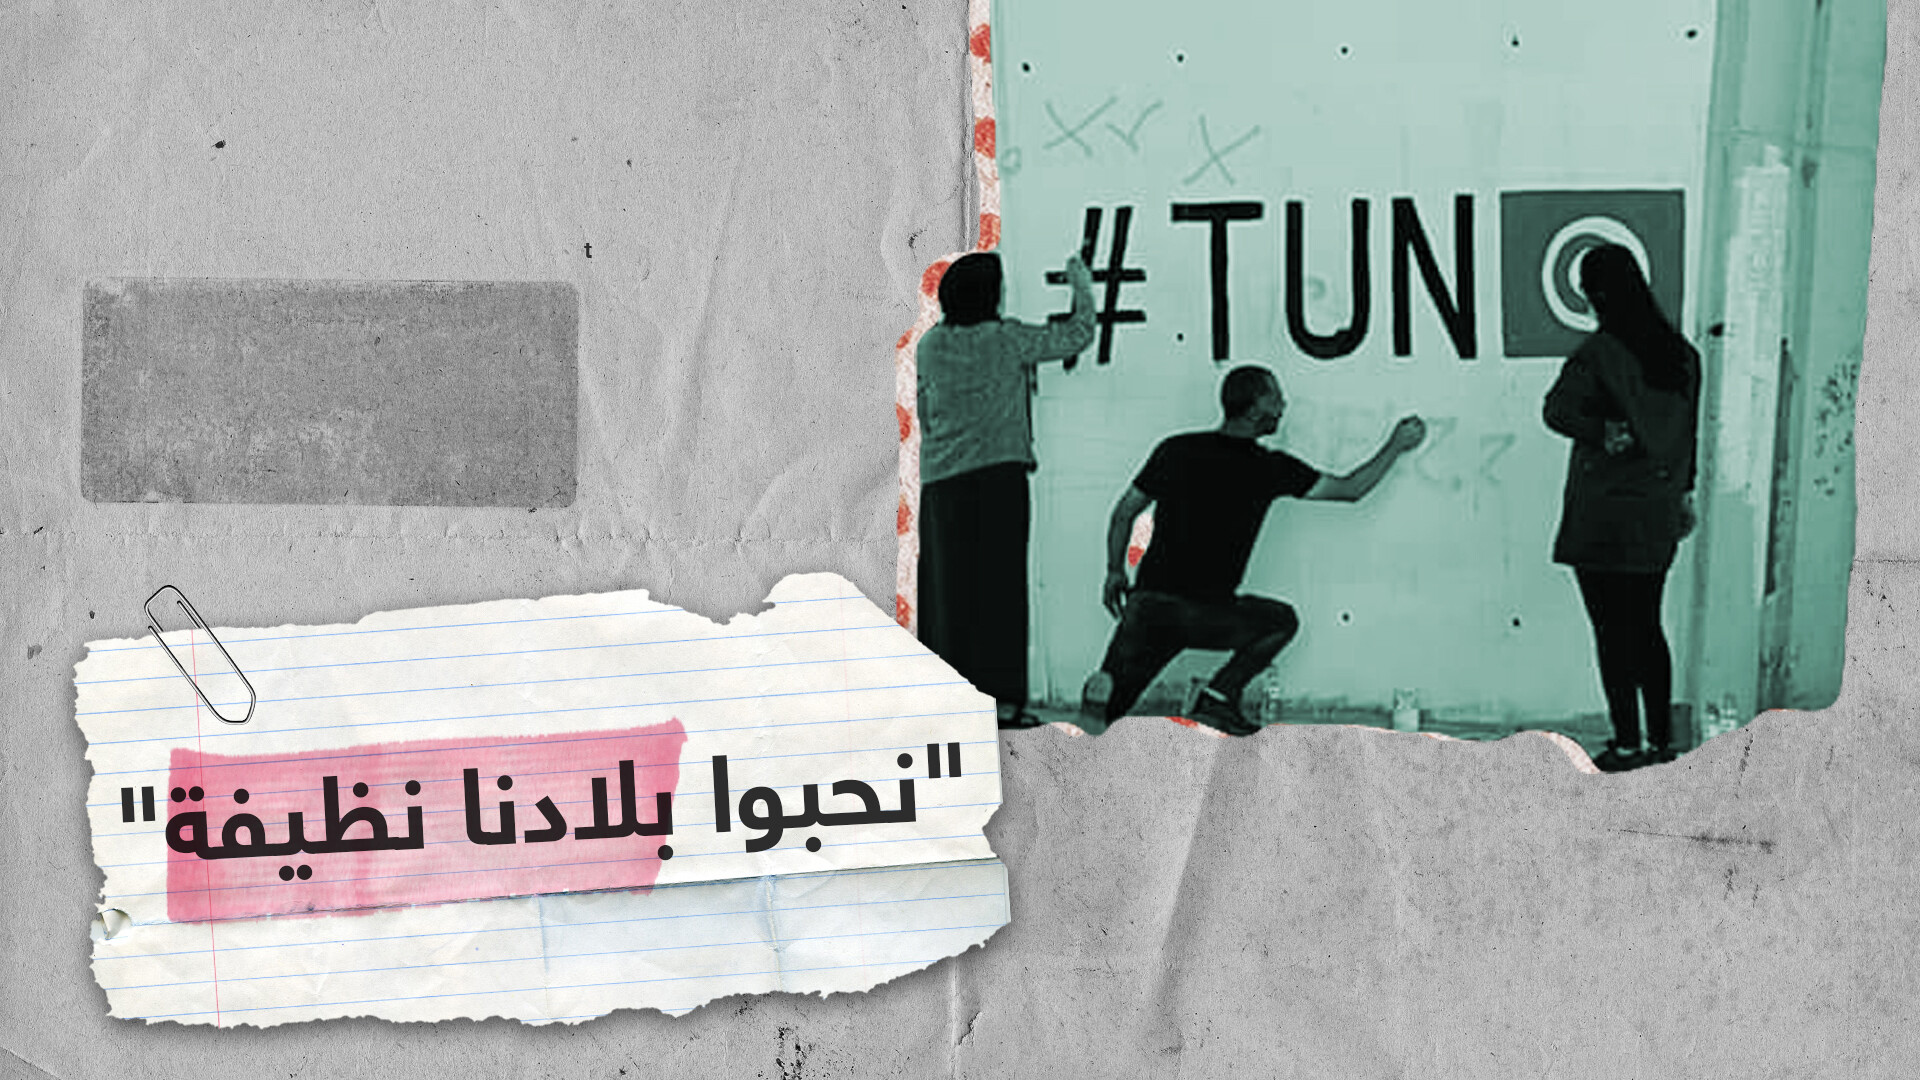 حملة في تونس لتنظيف الشوارع وتزيينها بعد انتخاب قيس سعيد